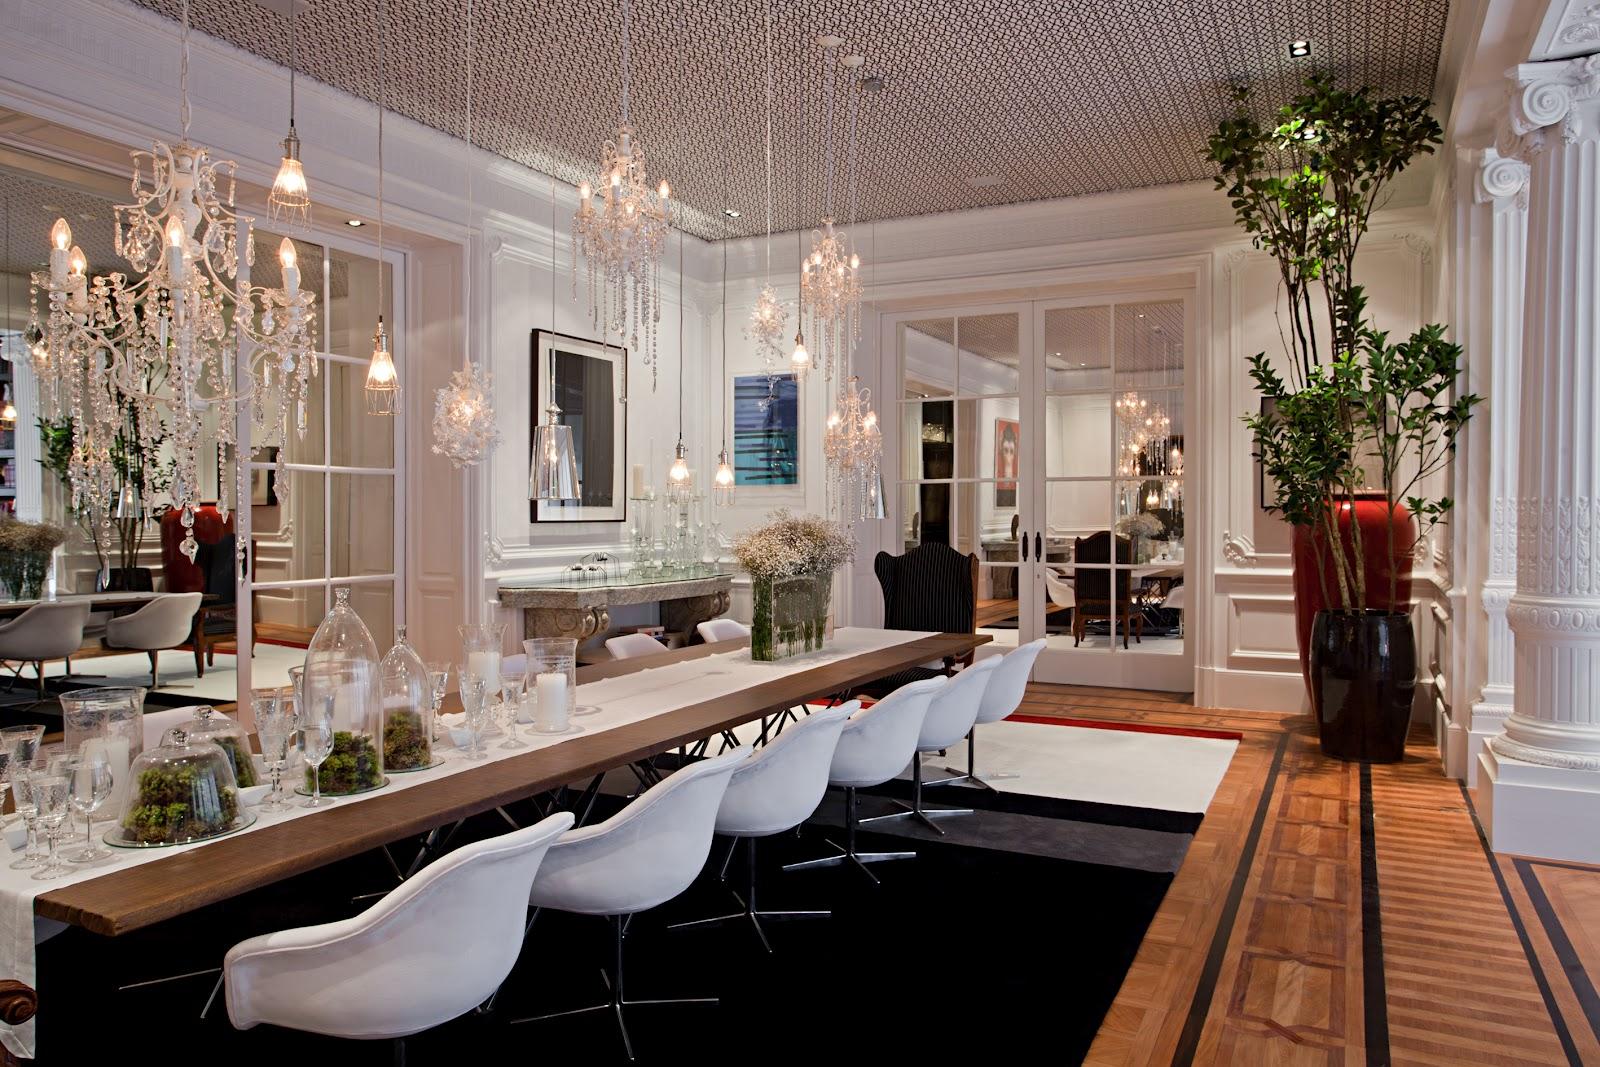 Inspirações para sala de jantar de luxo Realizando um Sonho  #965935 1600 1067